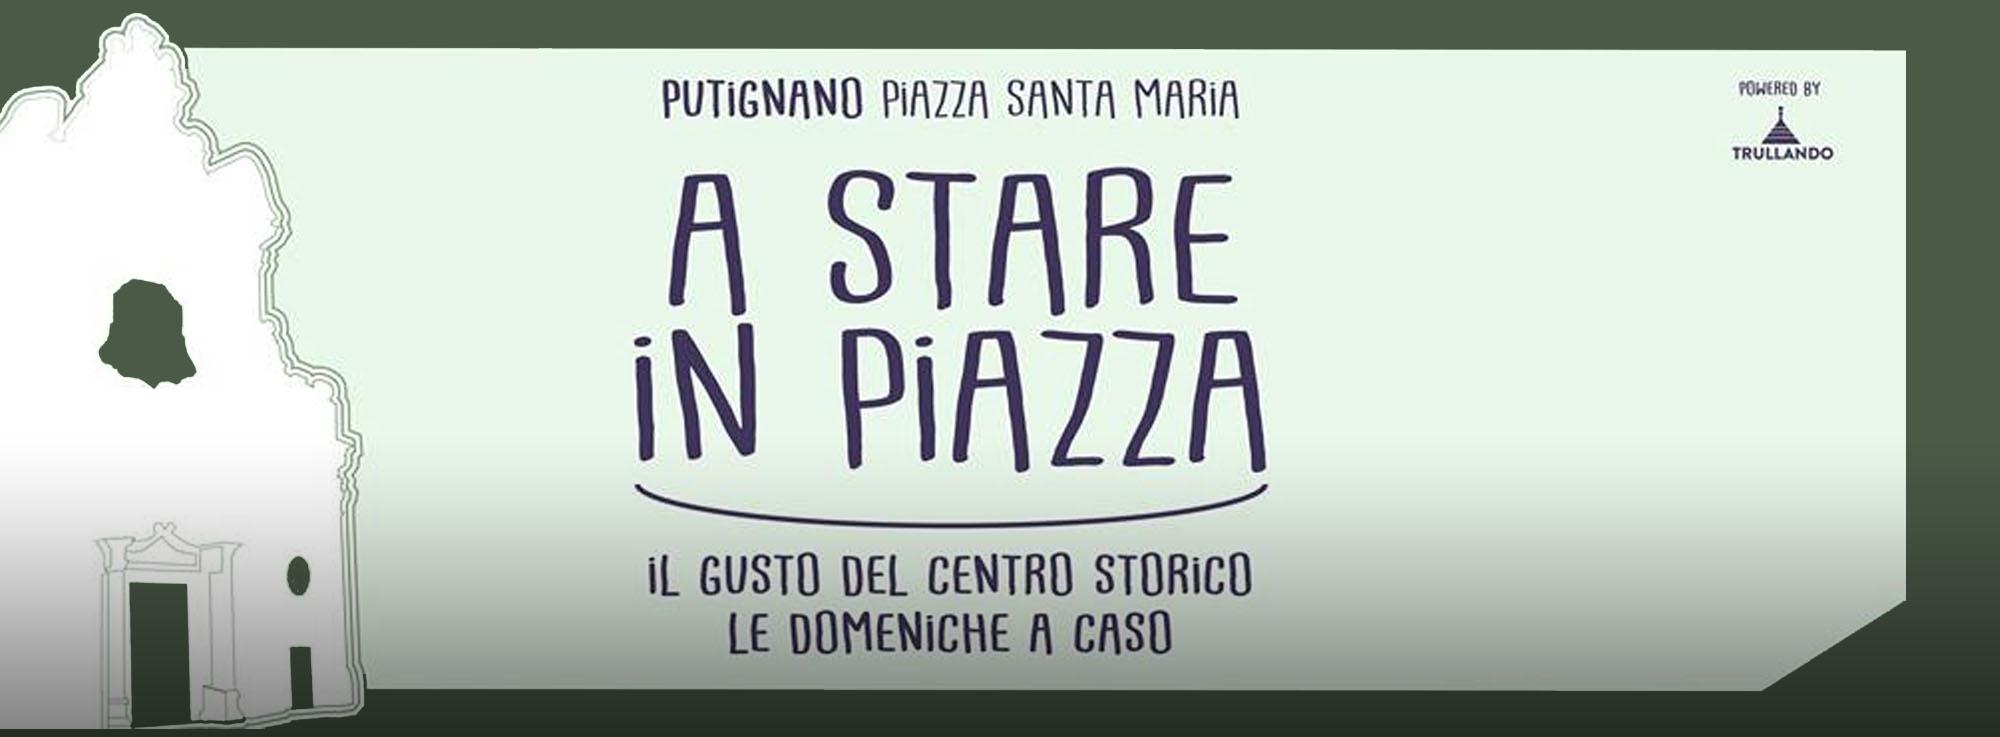 Putignano: A Stare in Piazza